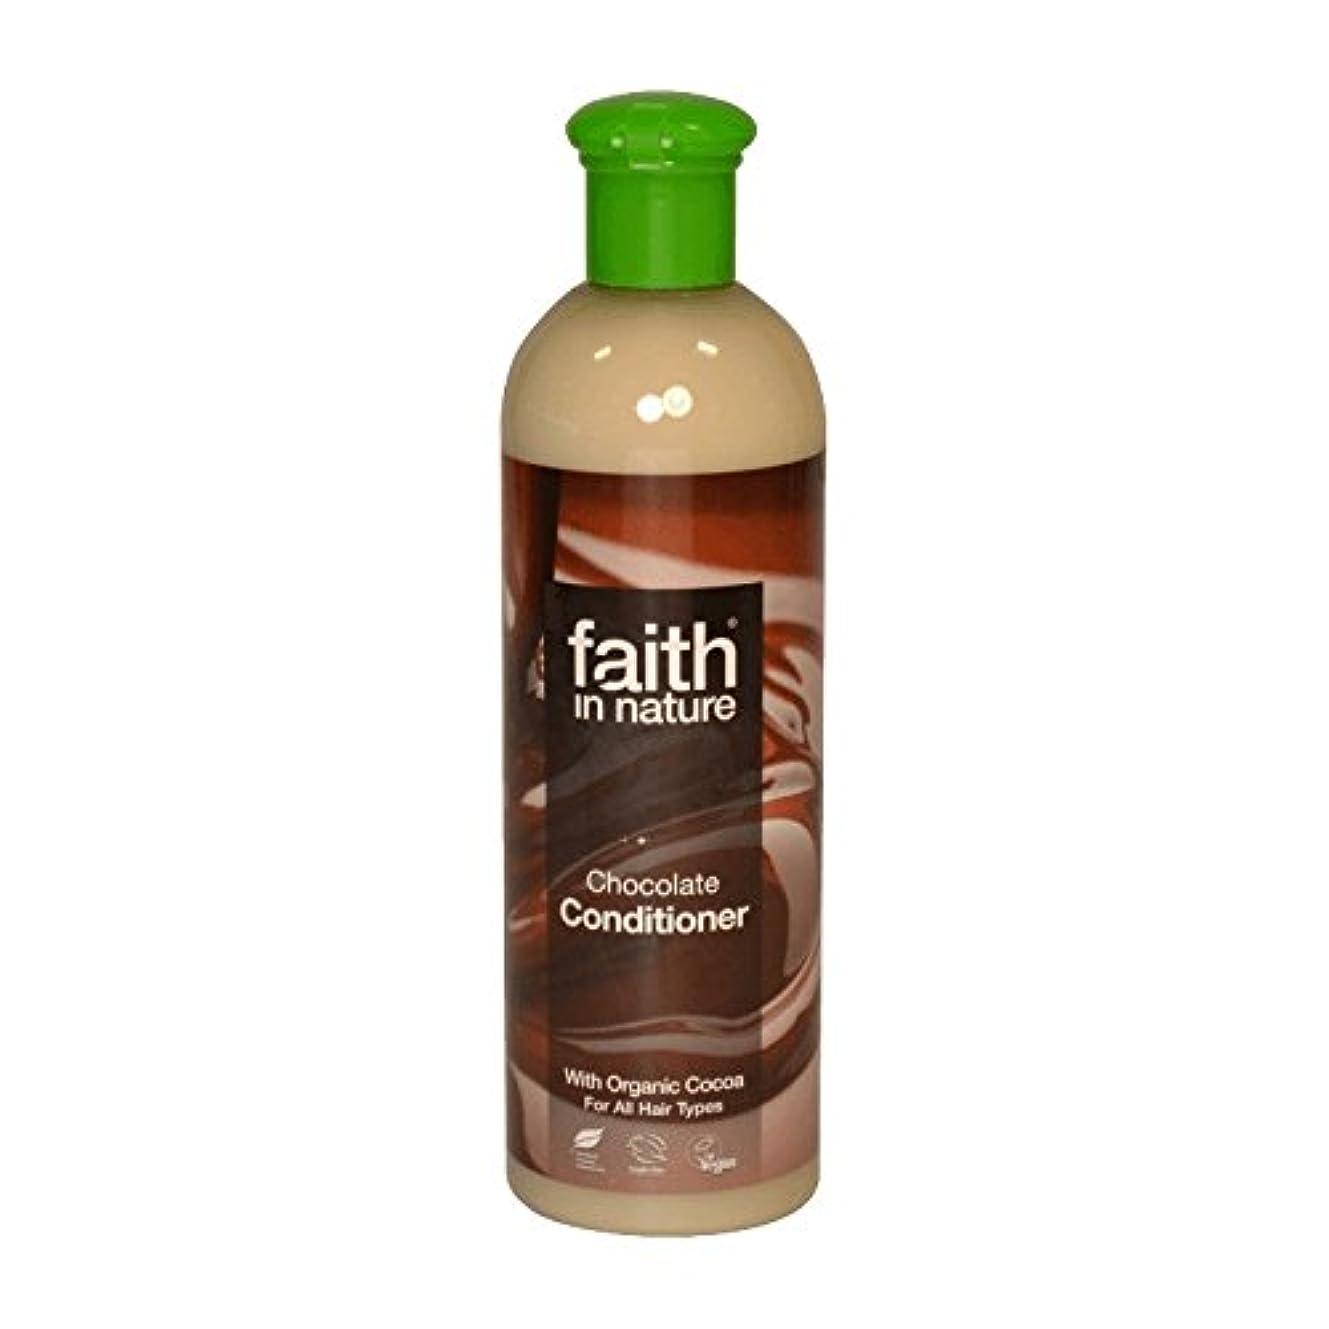 ファッション相対的言い換えると自然チョコレートコンディショナー400ミリリットルの信仰 - Faith In Nature Chocolate Conditioner 400ml (Faith in Nature) [並行輸入品]